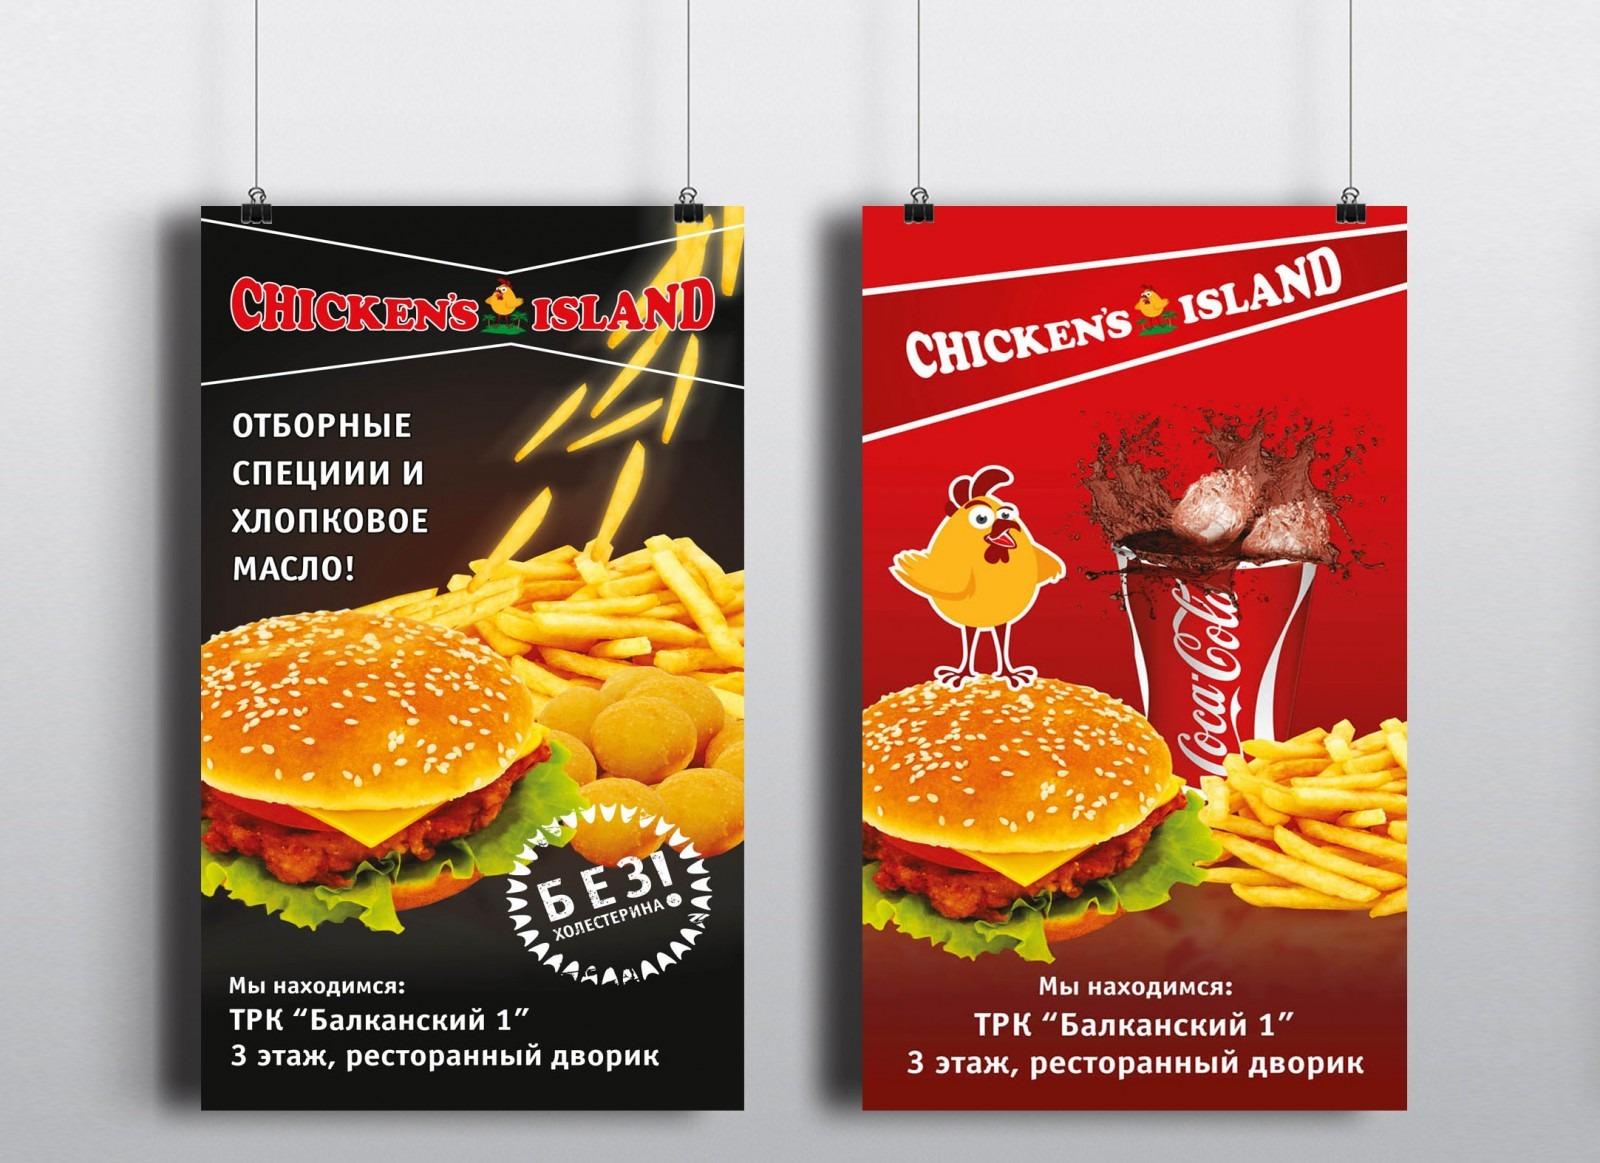 рекламный плакат в кафе chicken island 01